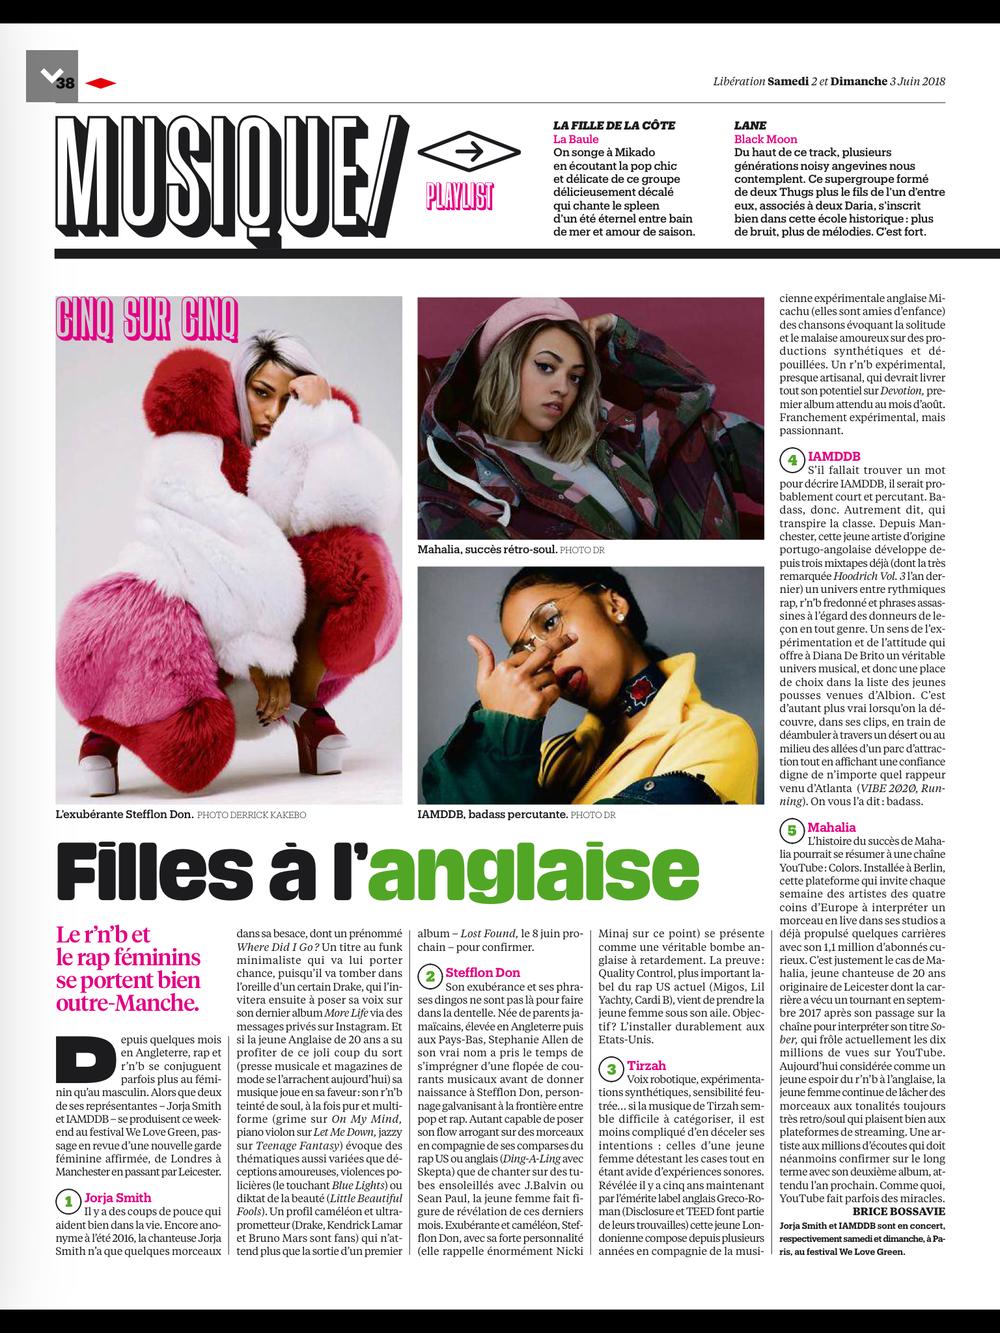 Libération.png